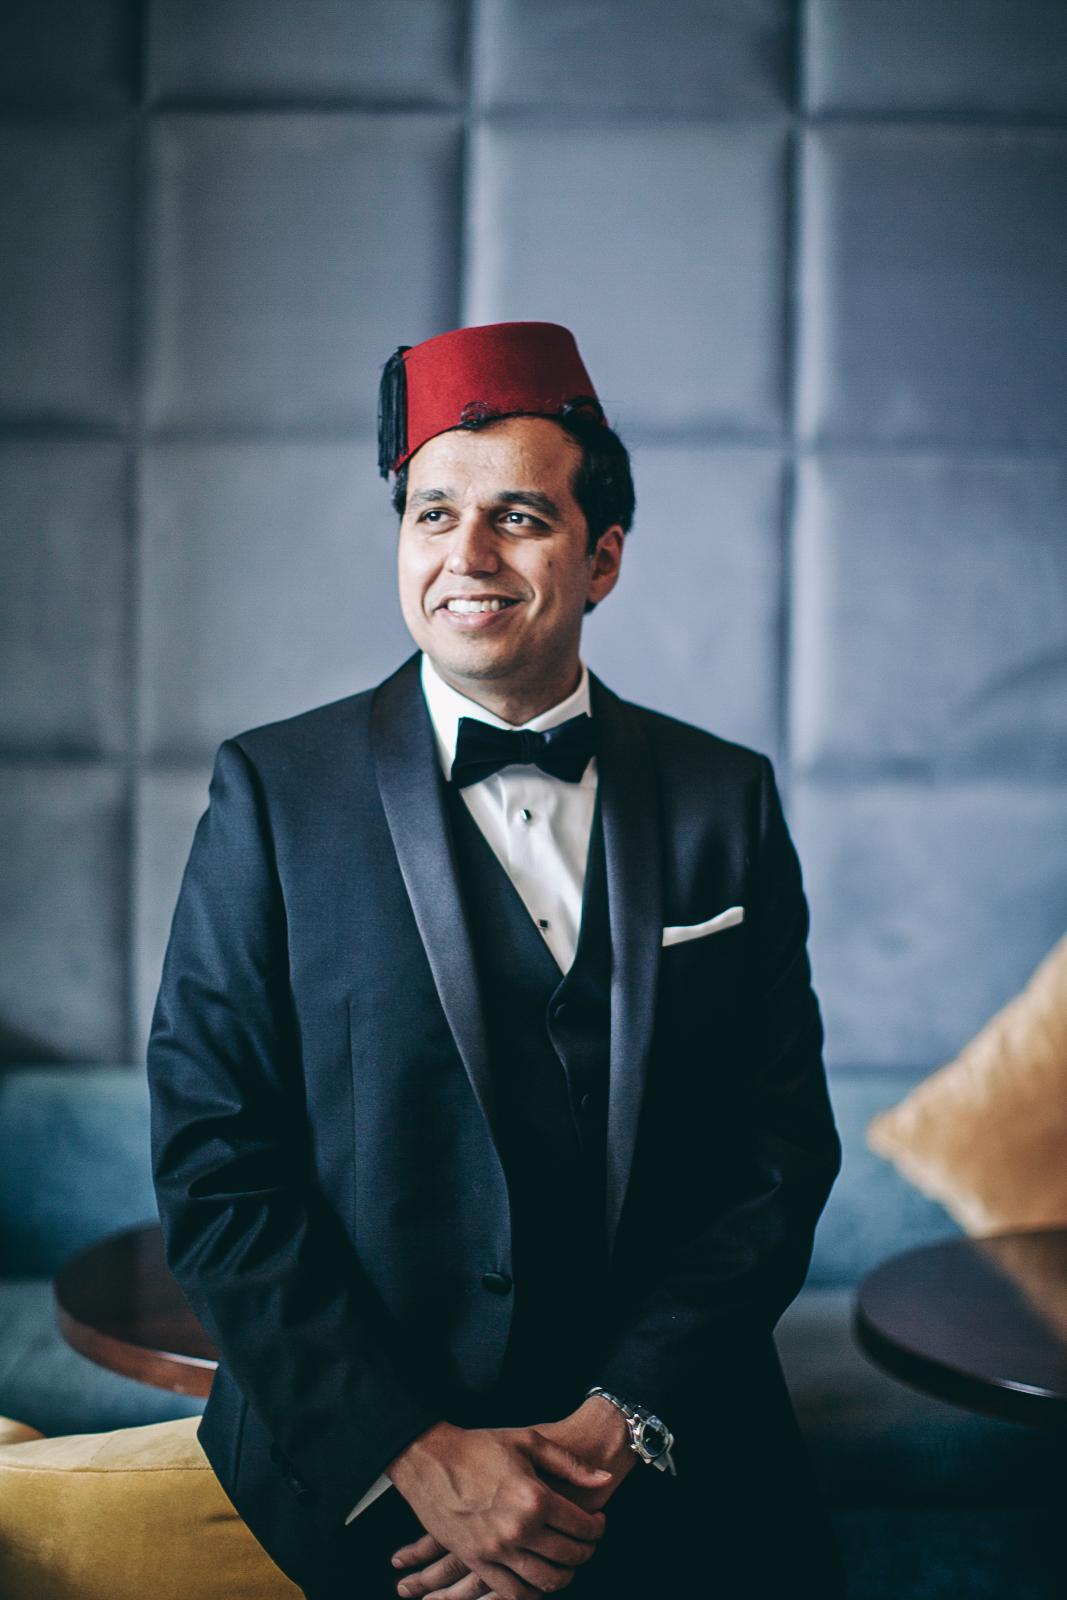 traditional_moroccan_wedding_photographry_casablanca_morocco_houda_vivek_ebony_siovhan_bokeh_photography_012.jpg